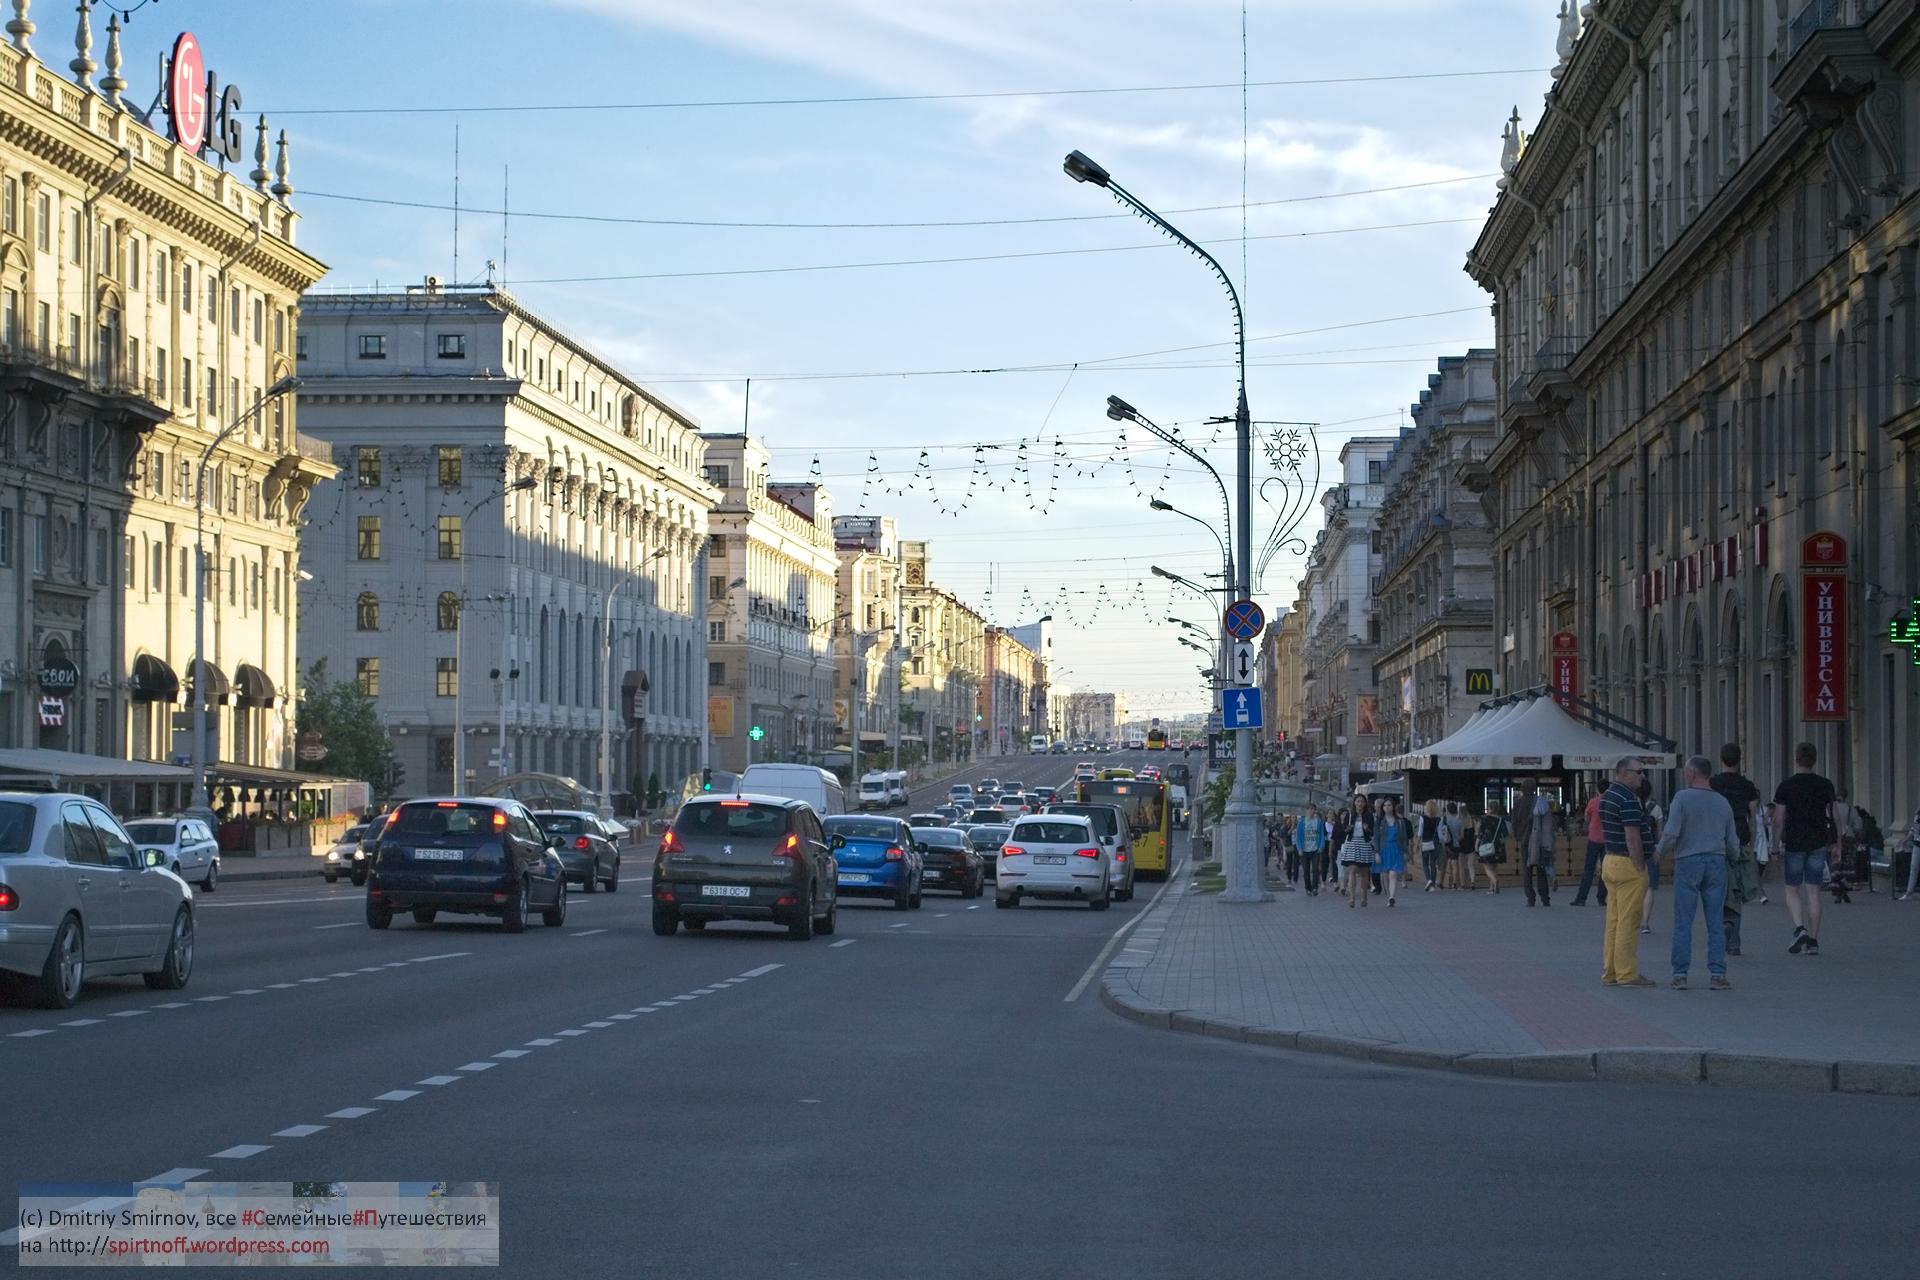 DSC_6878-Blog-1 Путешествия  Минск, Площадь победы, Проспект Независимости, Цирк, Дворец республики